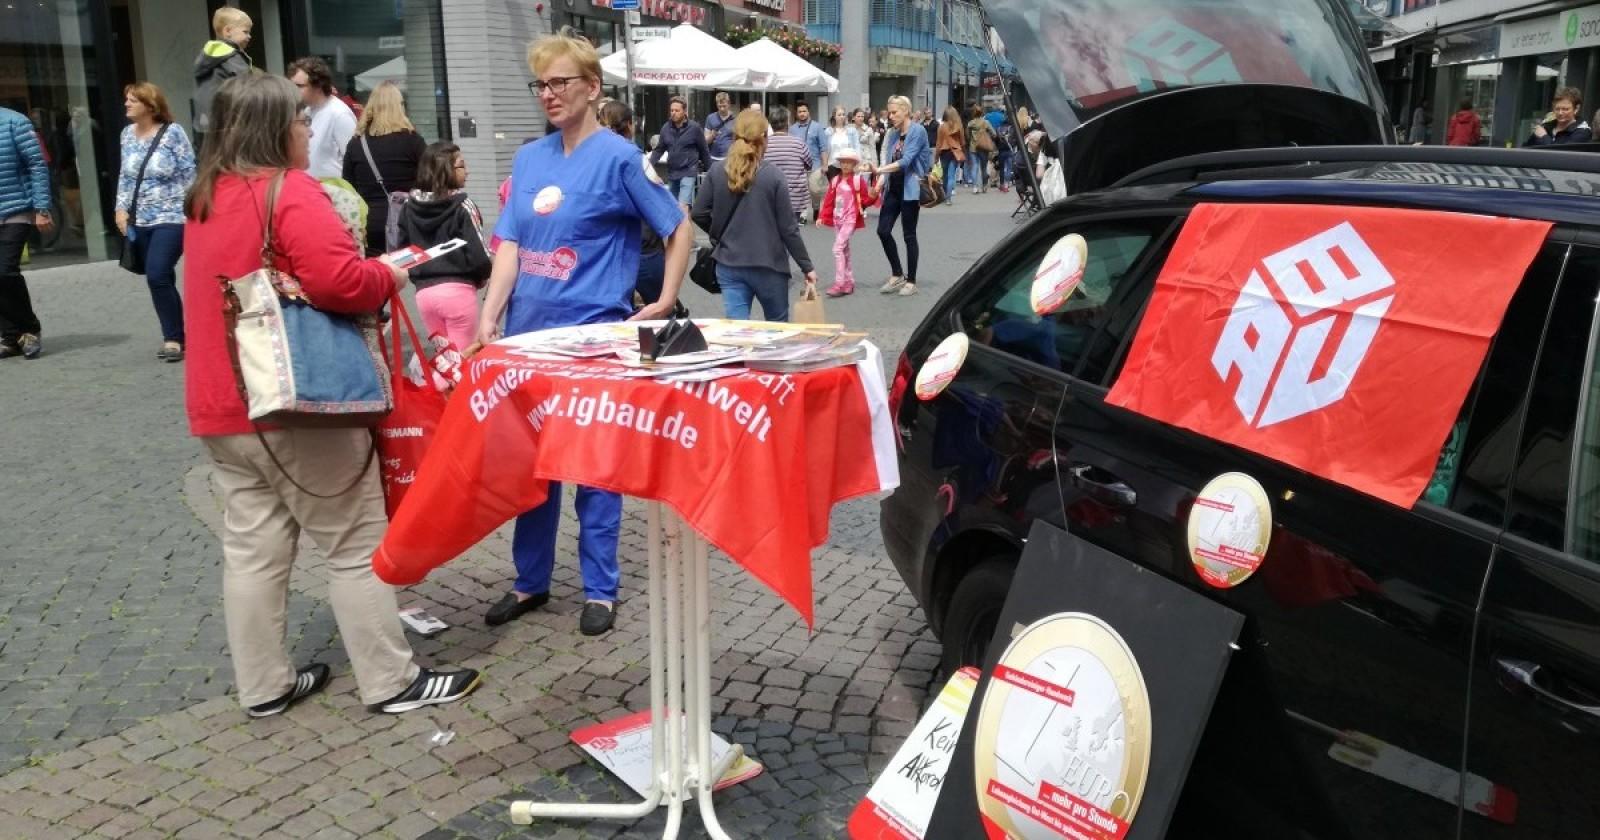 ERSTE HILFE – Aktion der Gebäudereiniger in der Braunschweiger Innenstadt